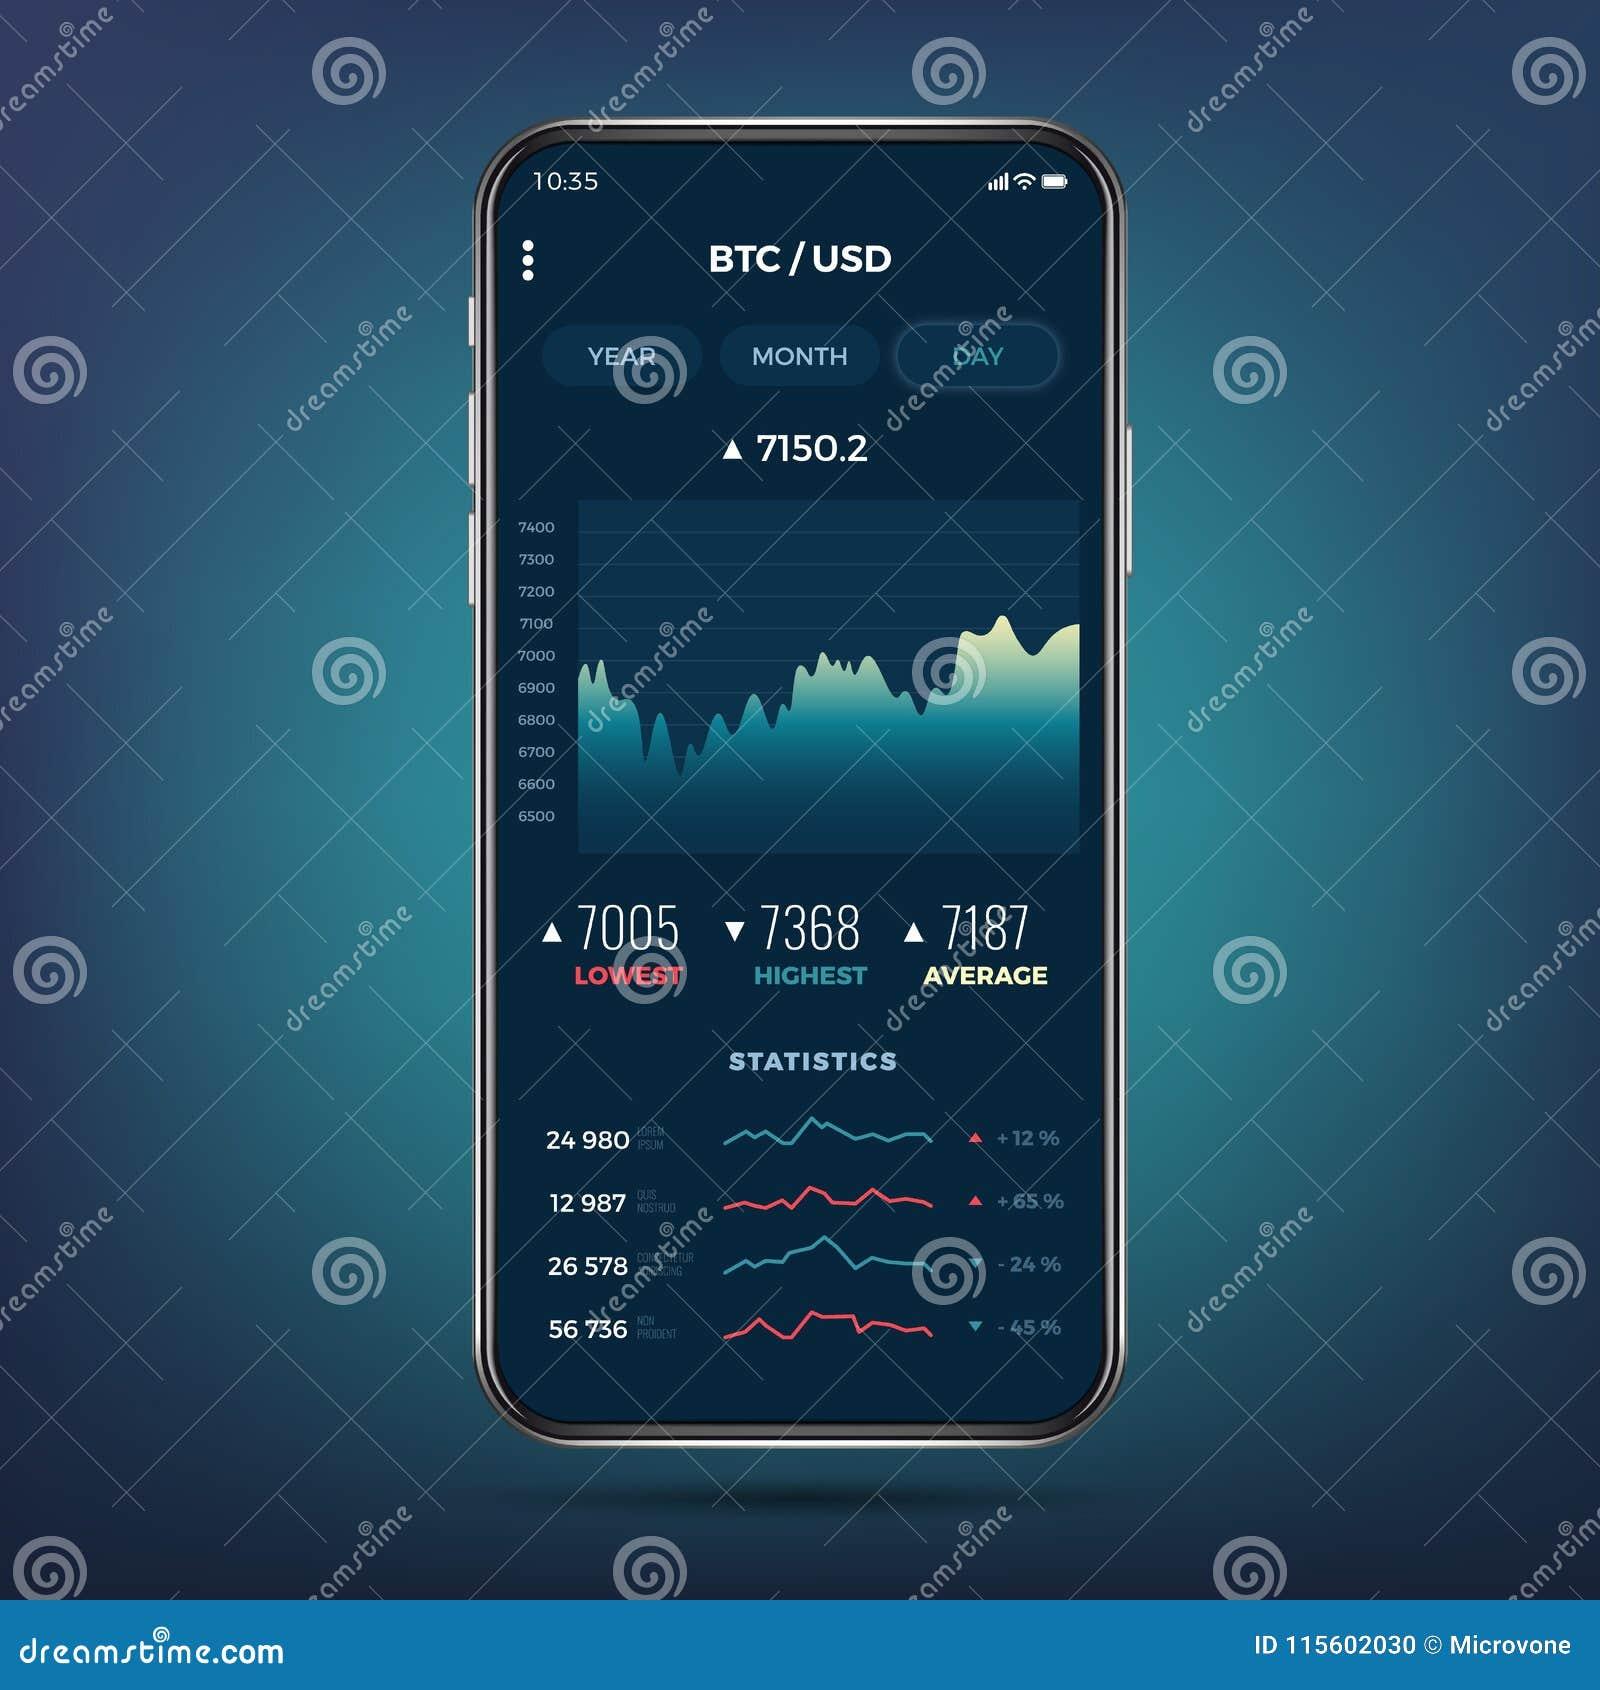 crypto exchange bank account